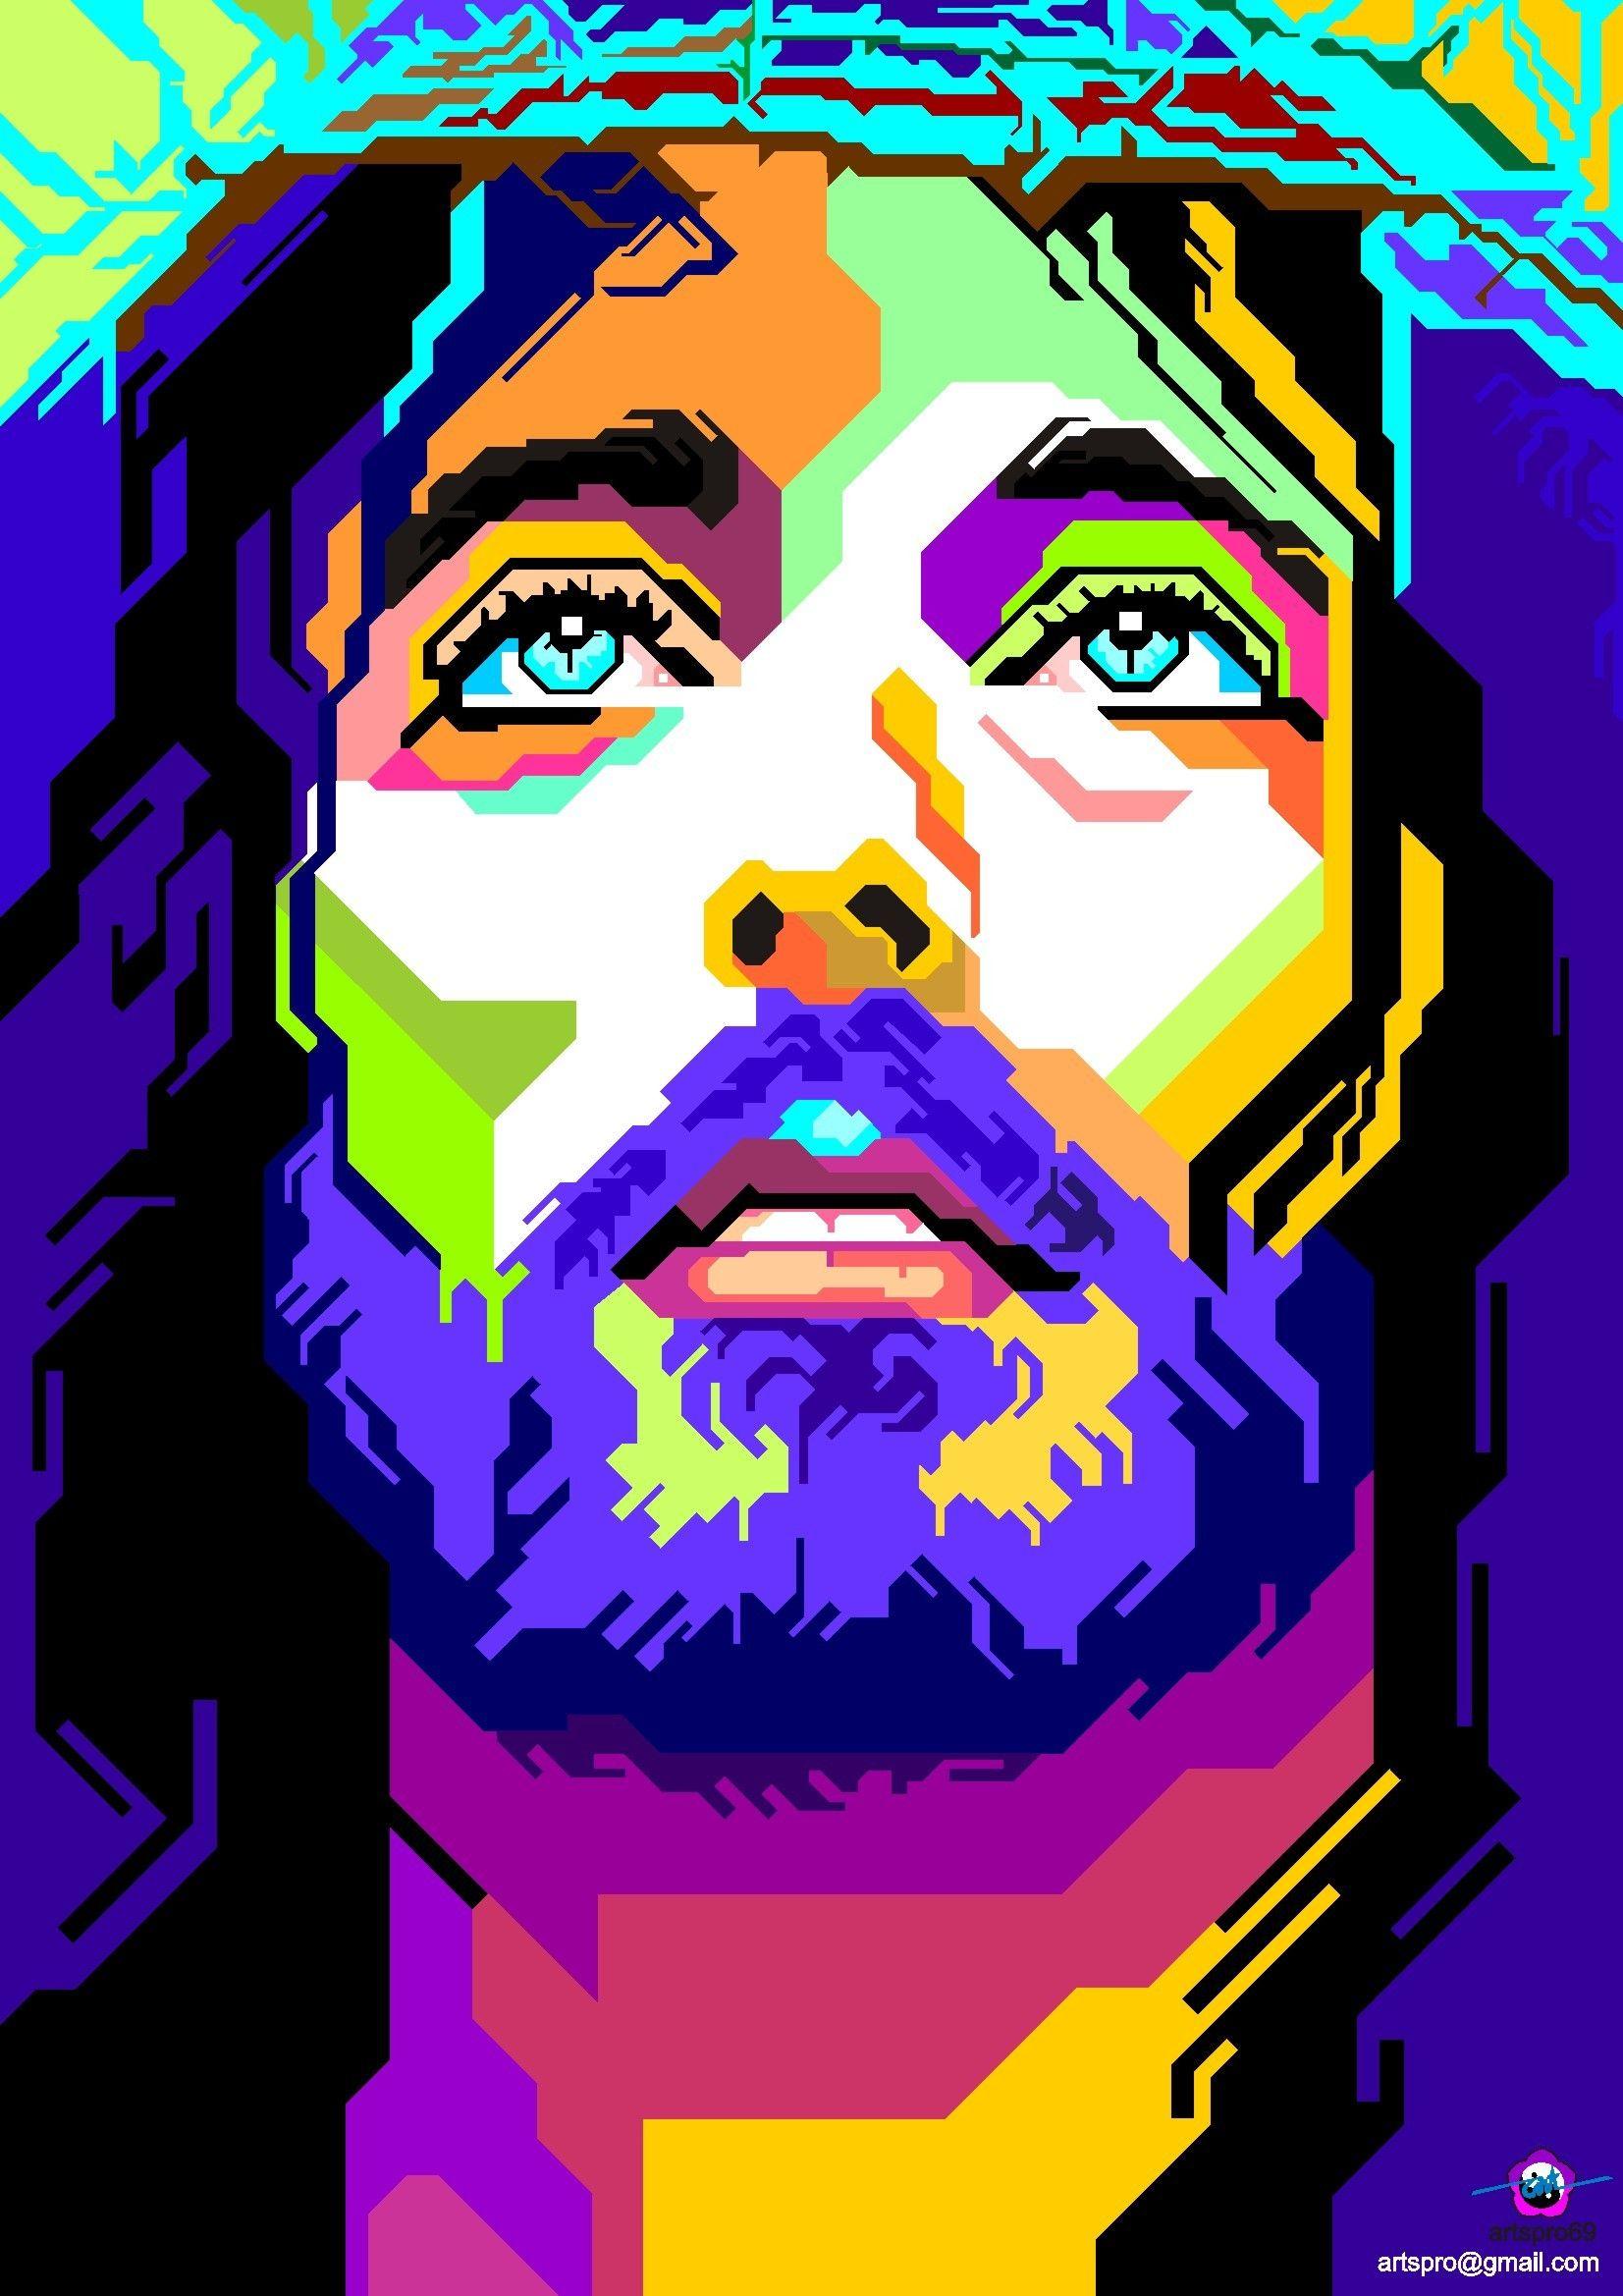 Rooster Clipart Google Search Arte De Jesus Cuadros De Jesus Retratos Arte Pop